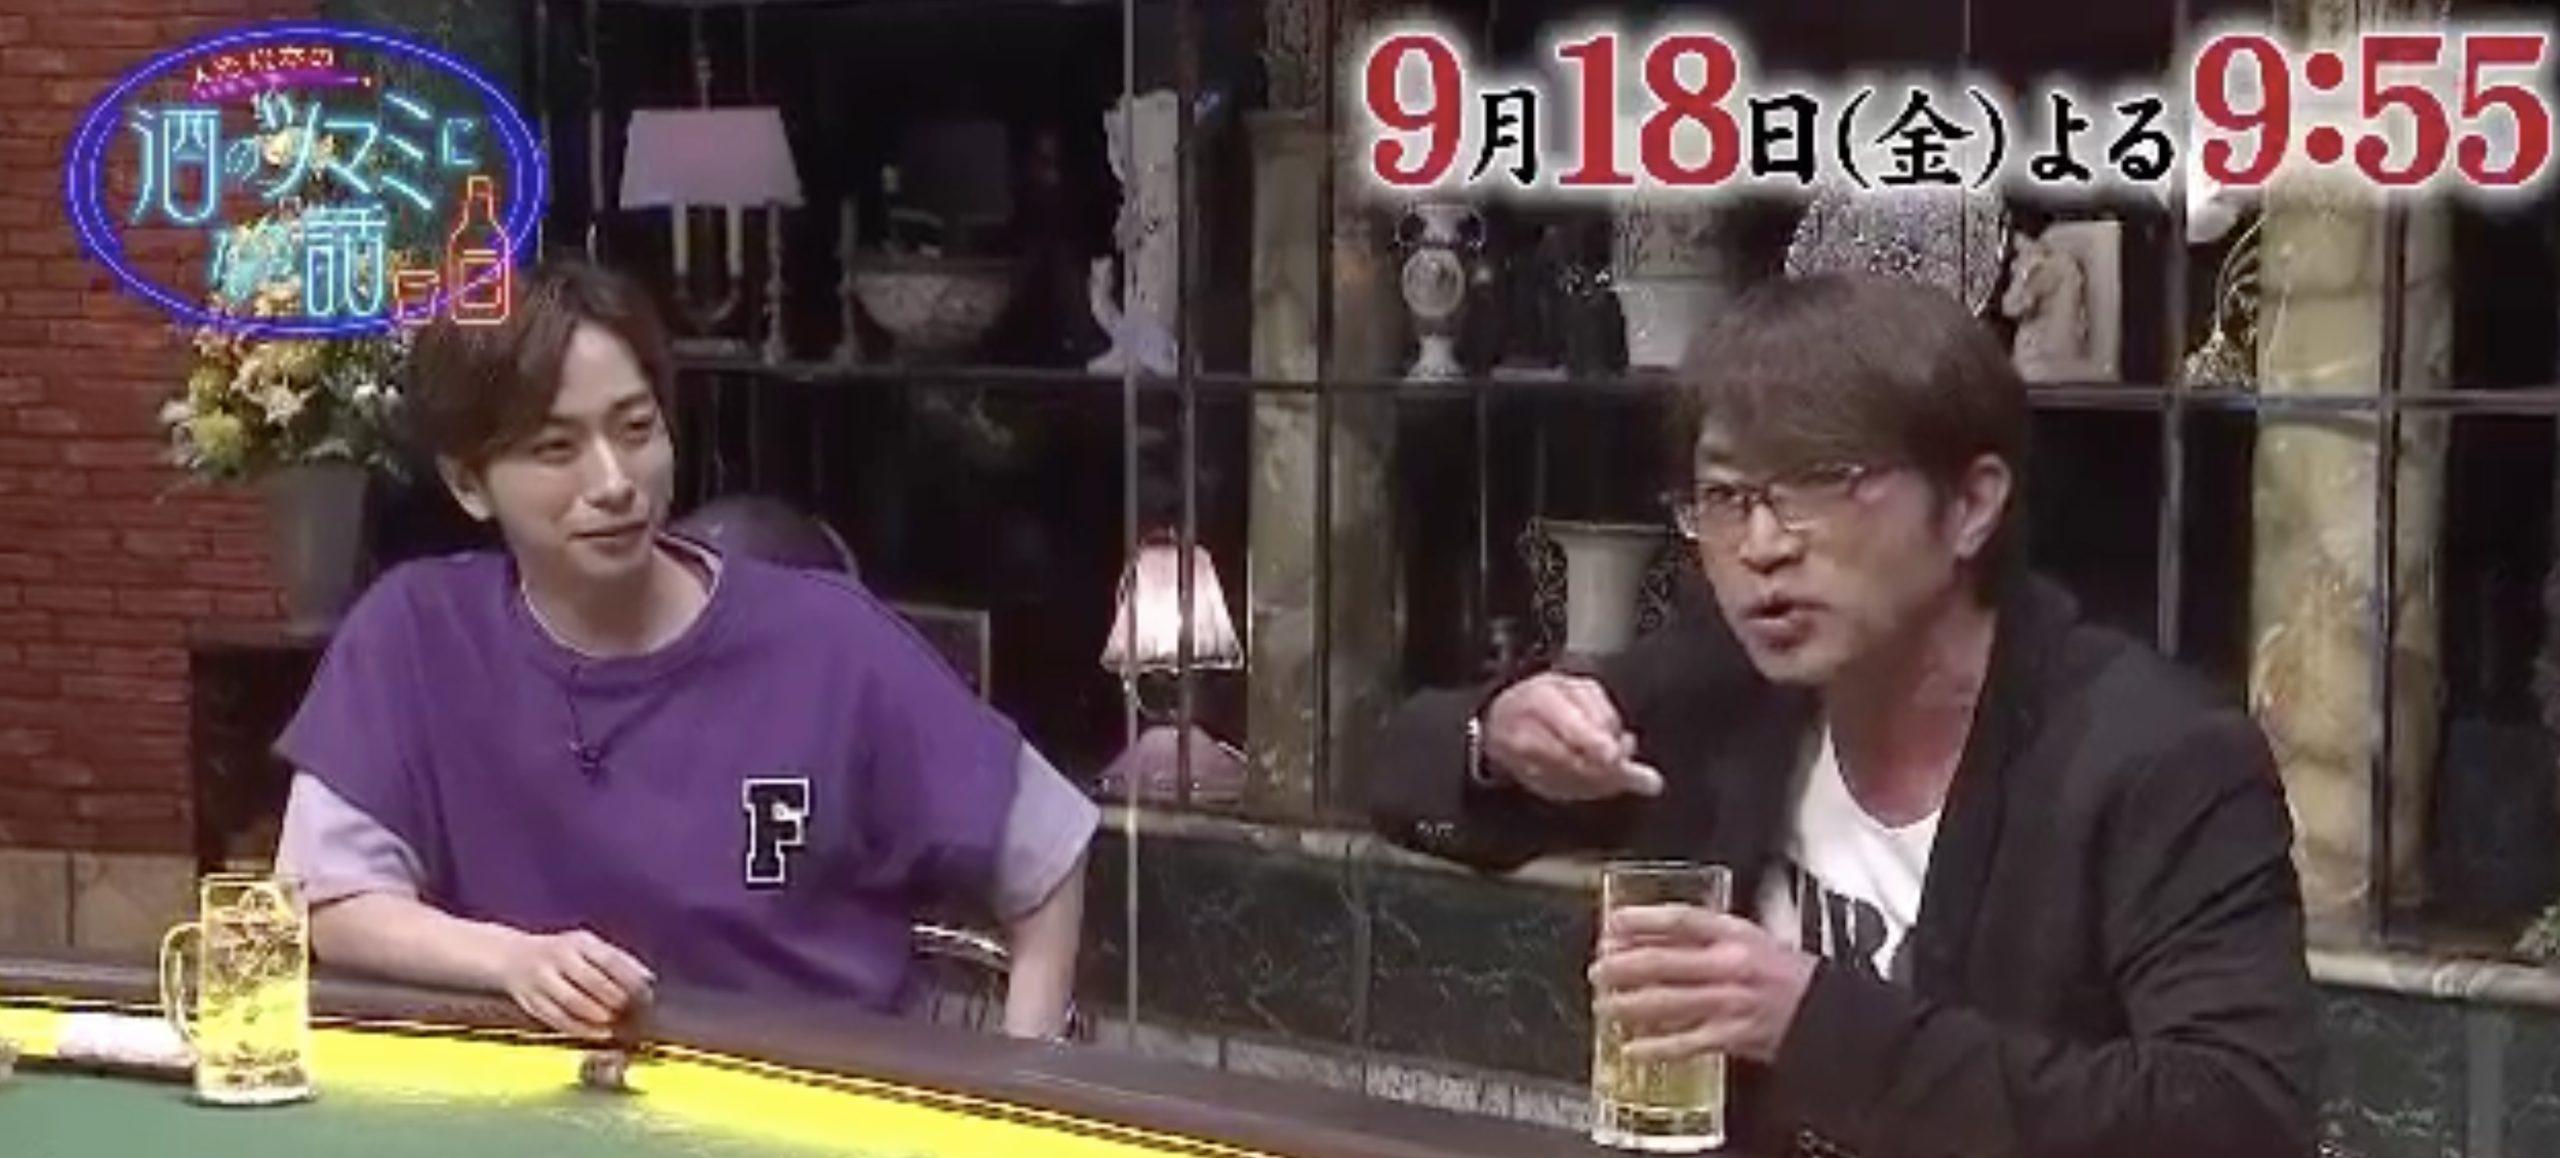 人志松本の酒のツマミになる話(ダウンタウンなう)9月18日の無料動画や見逃し配信をフル視聴する方法!